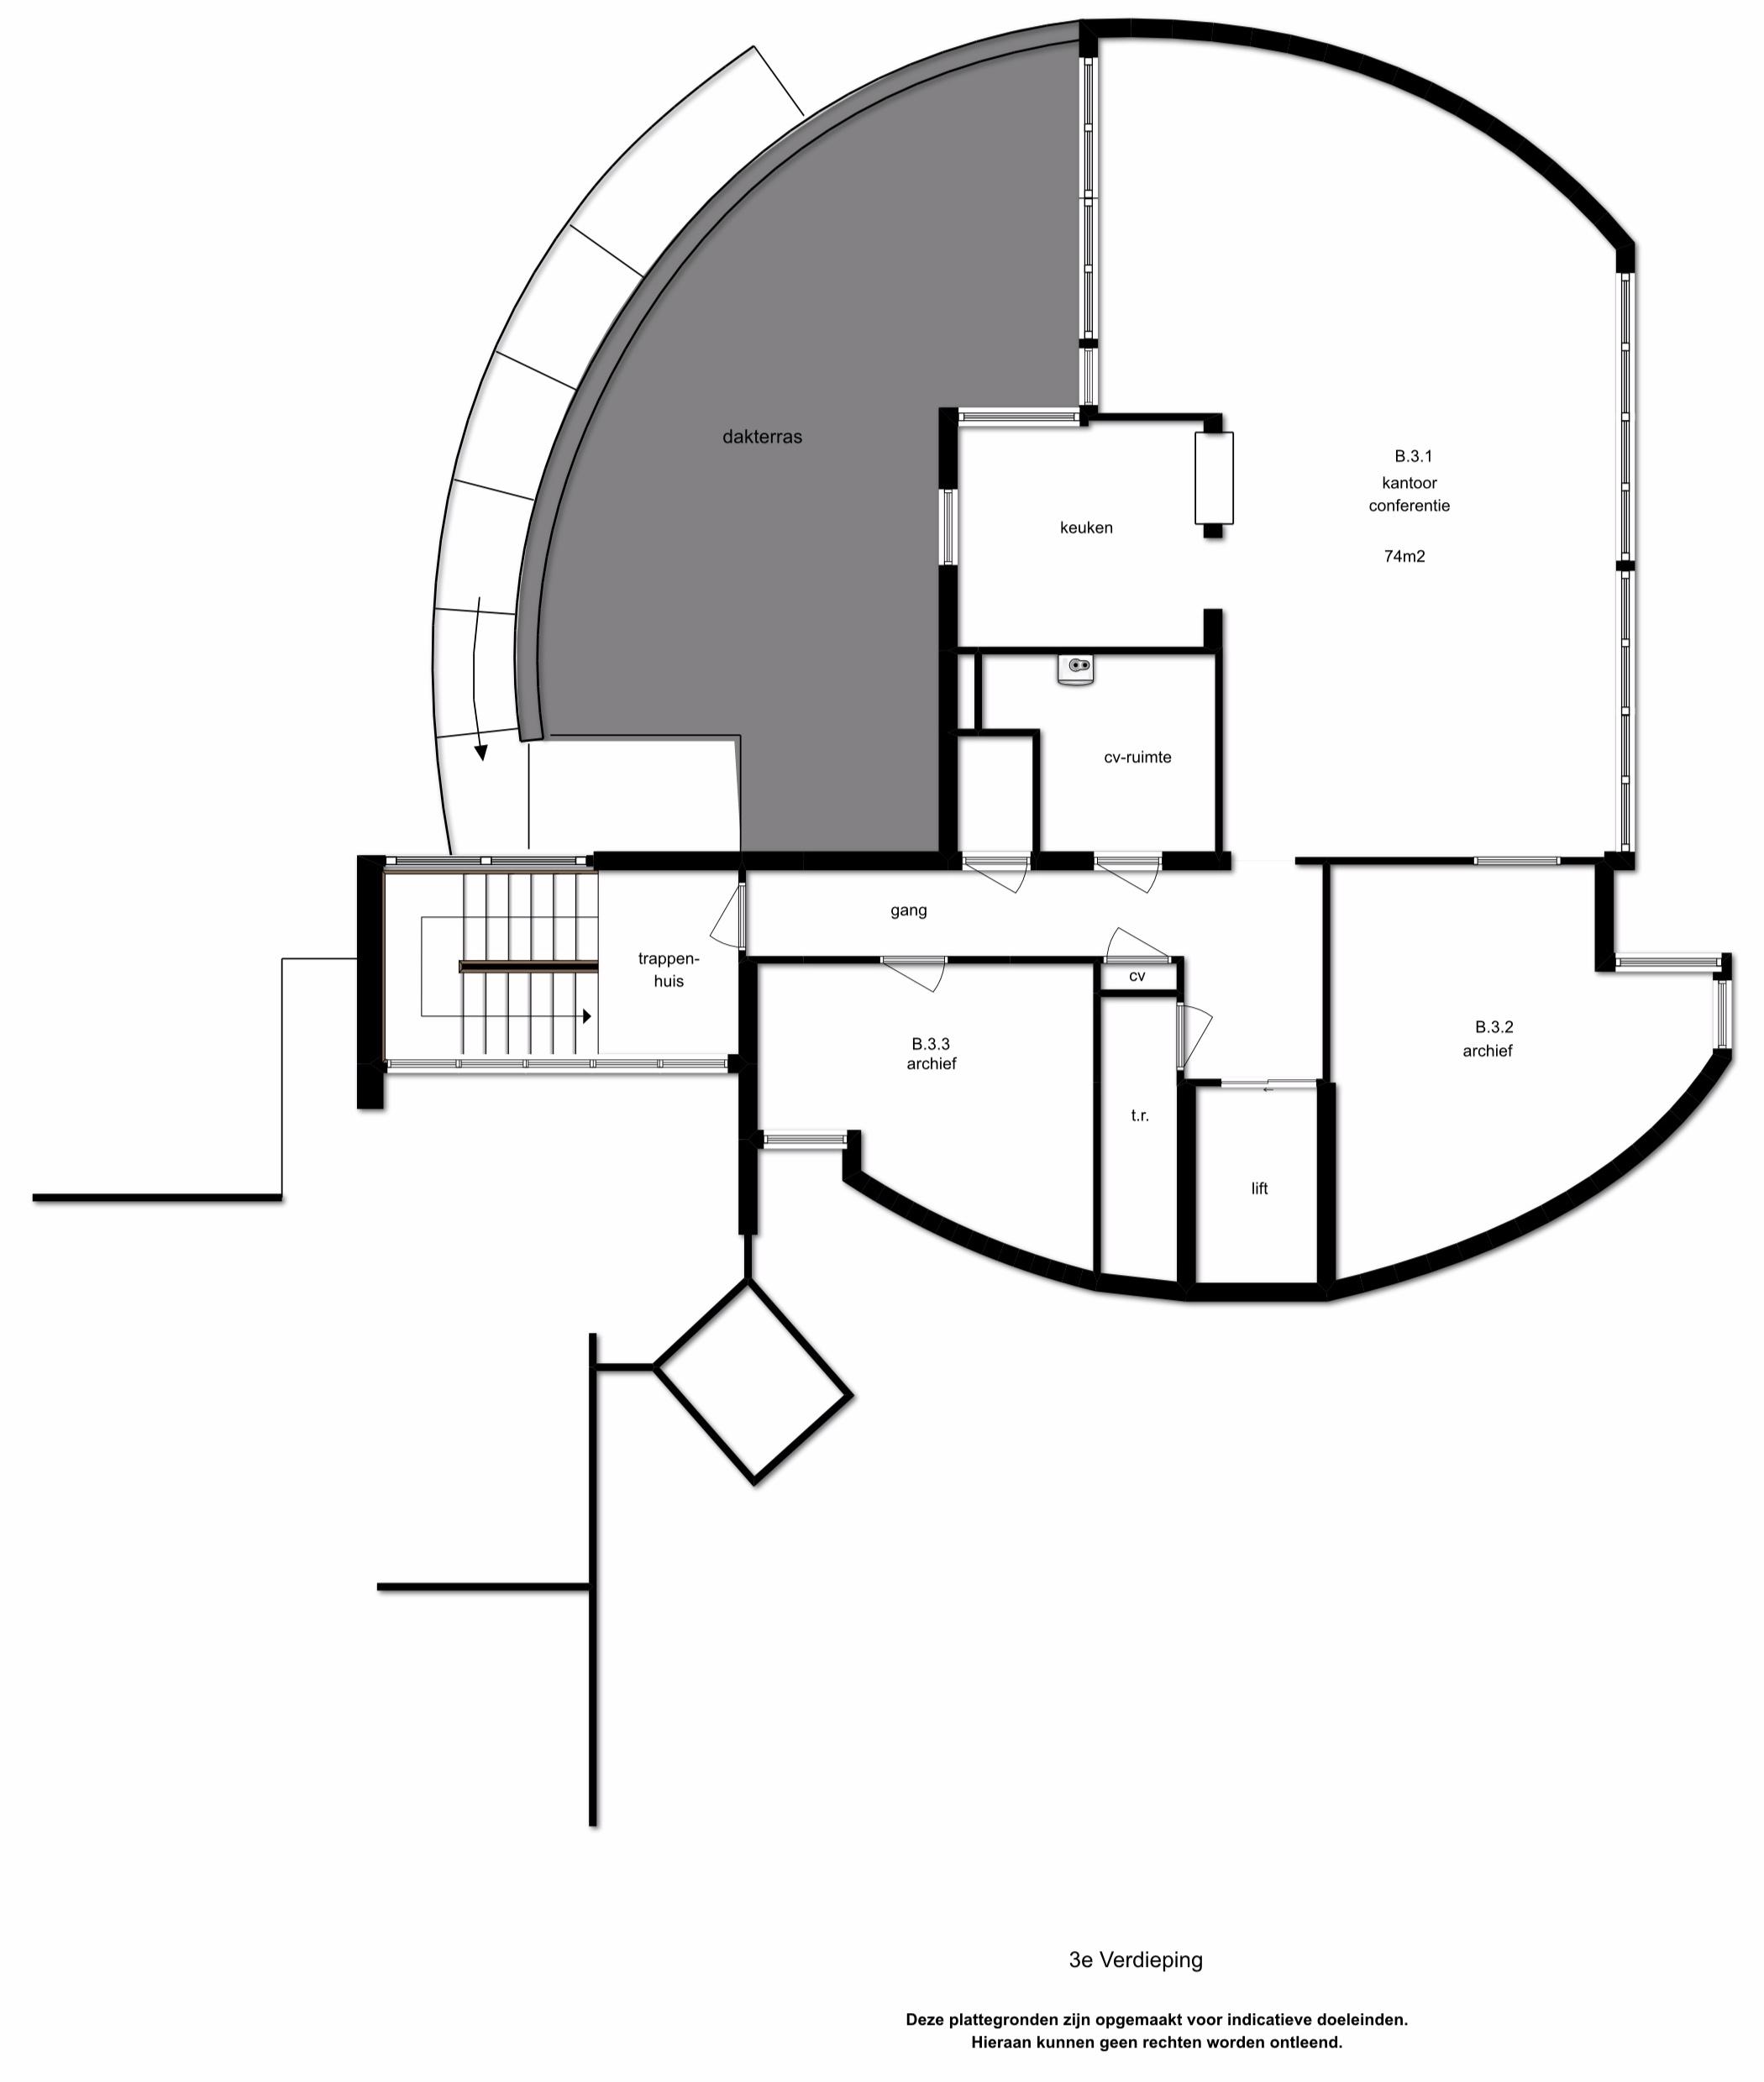 3e Verdieping - Gemeenschappelijk vergader/kantine ruimte met keuken. Personenlift en twee trappenhuizen. Daarnaast is de 3e verdieping voorzien van kantoorruimten van diverse afmetingen en een toilet.TL-inbouwarmaturen, kabelgoten/datalijnen en stoffering. Aluminium kozijnen met isolerende beglazing.